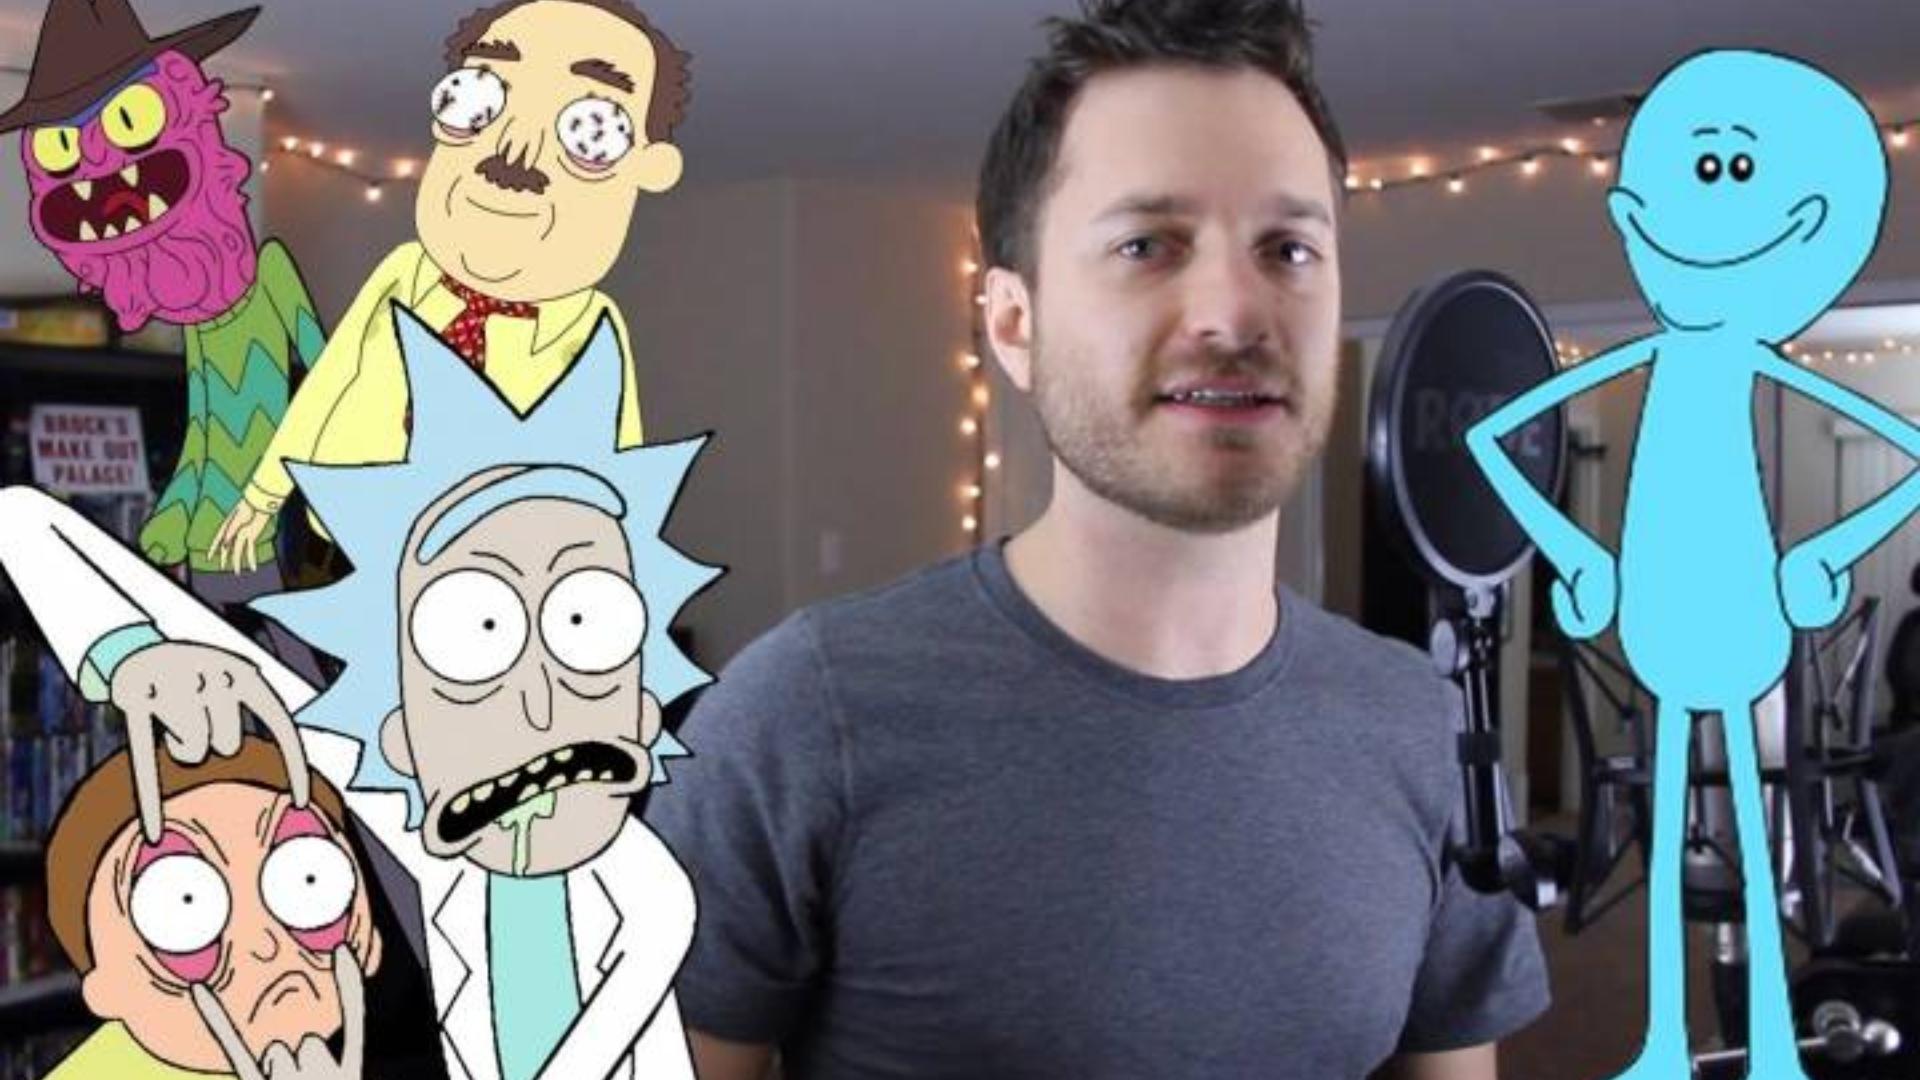 【瑞克和莫蒂】模仿《瑞克和莫蒂》里的人物说话(McGoiter)